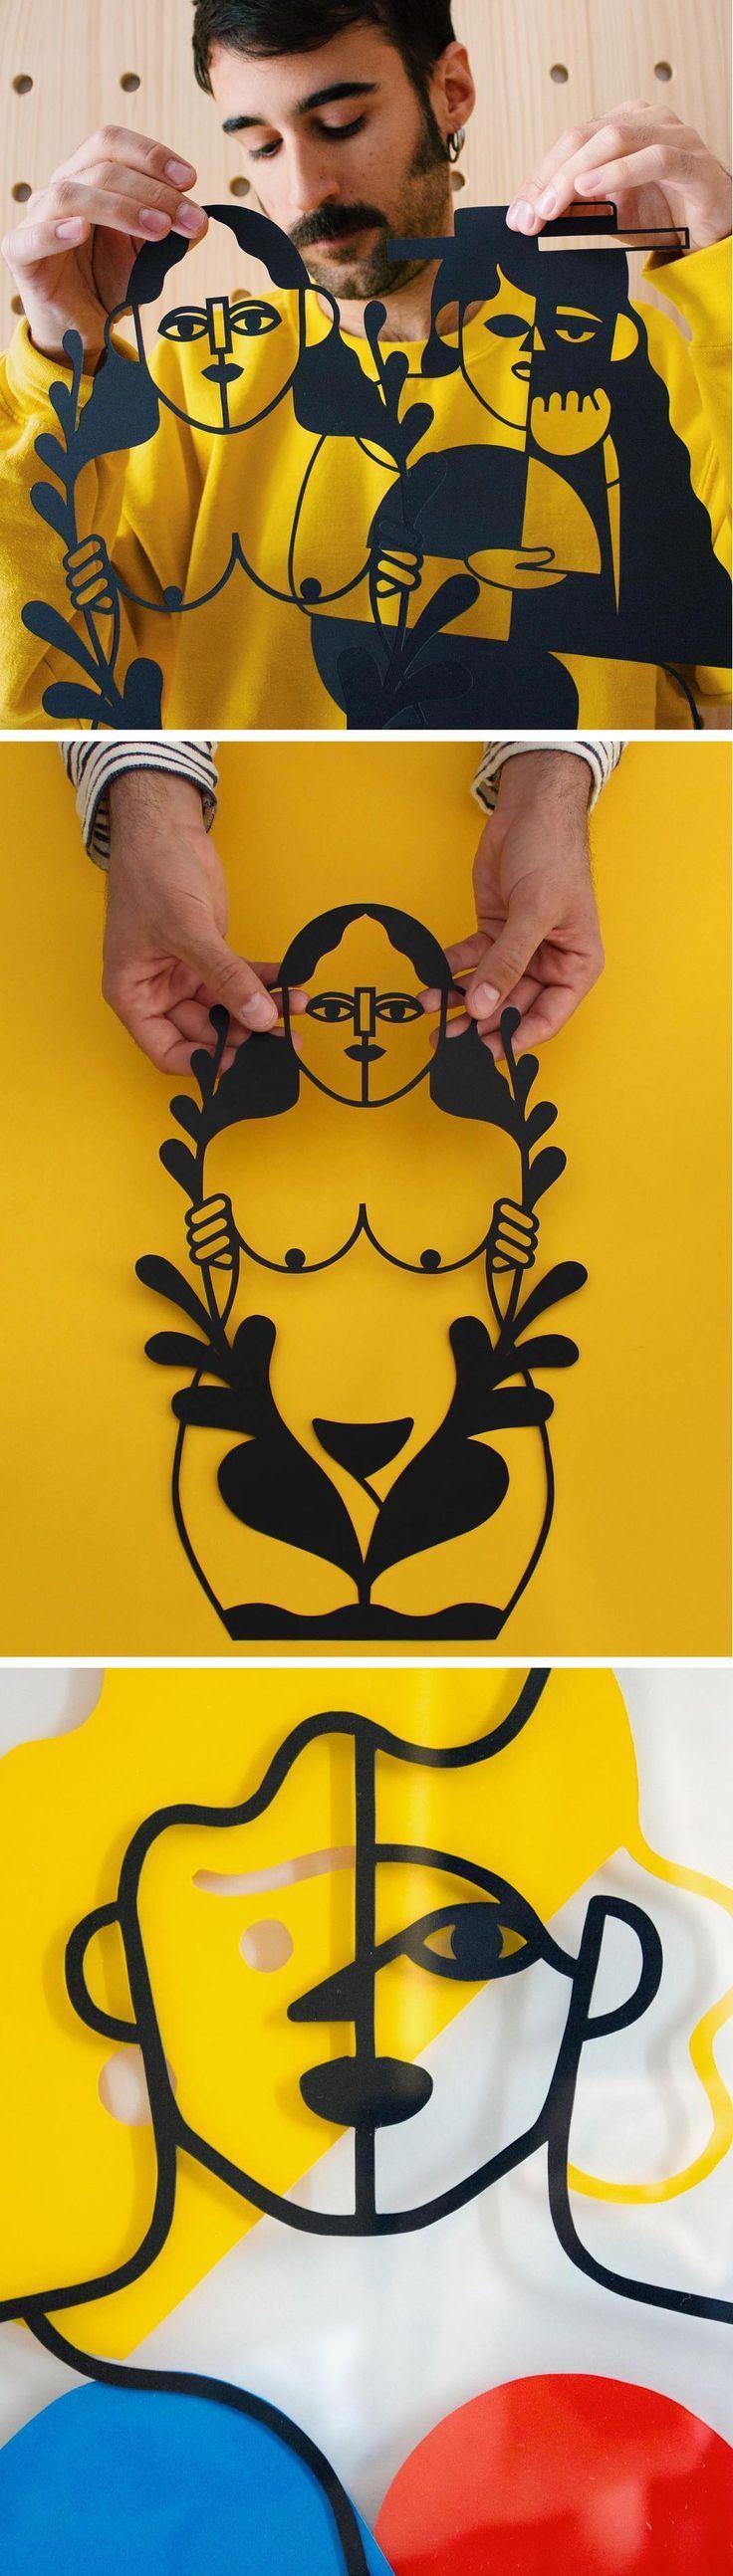 Paper Cutouts by José Antonio Roda